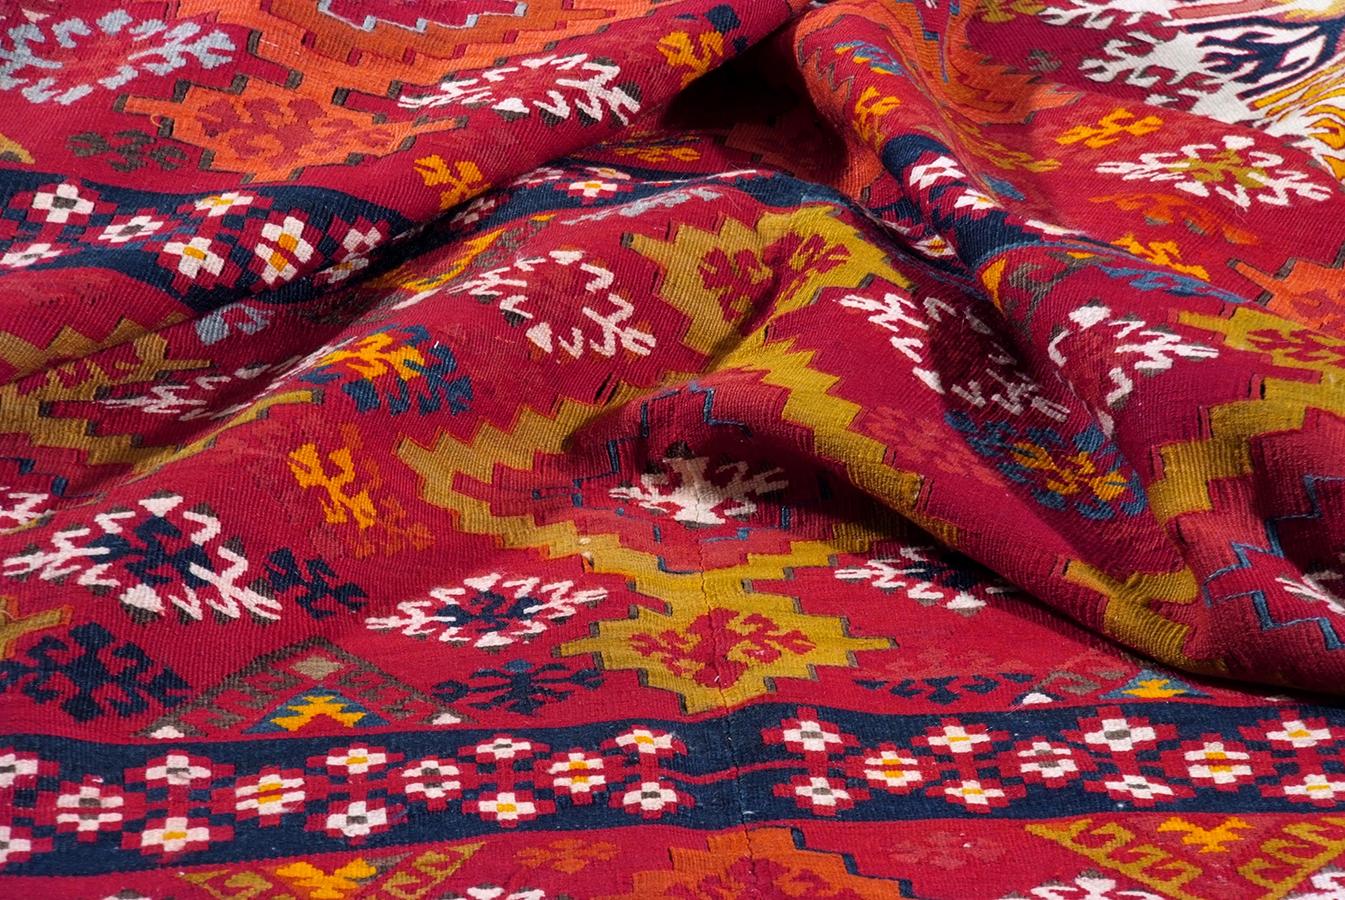 Tappeti Kilim Moderni : Tappeto kilim arredamento mobili e accessori per la casa a